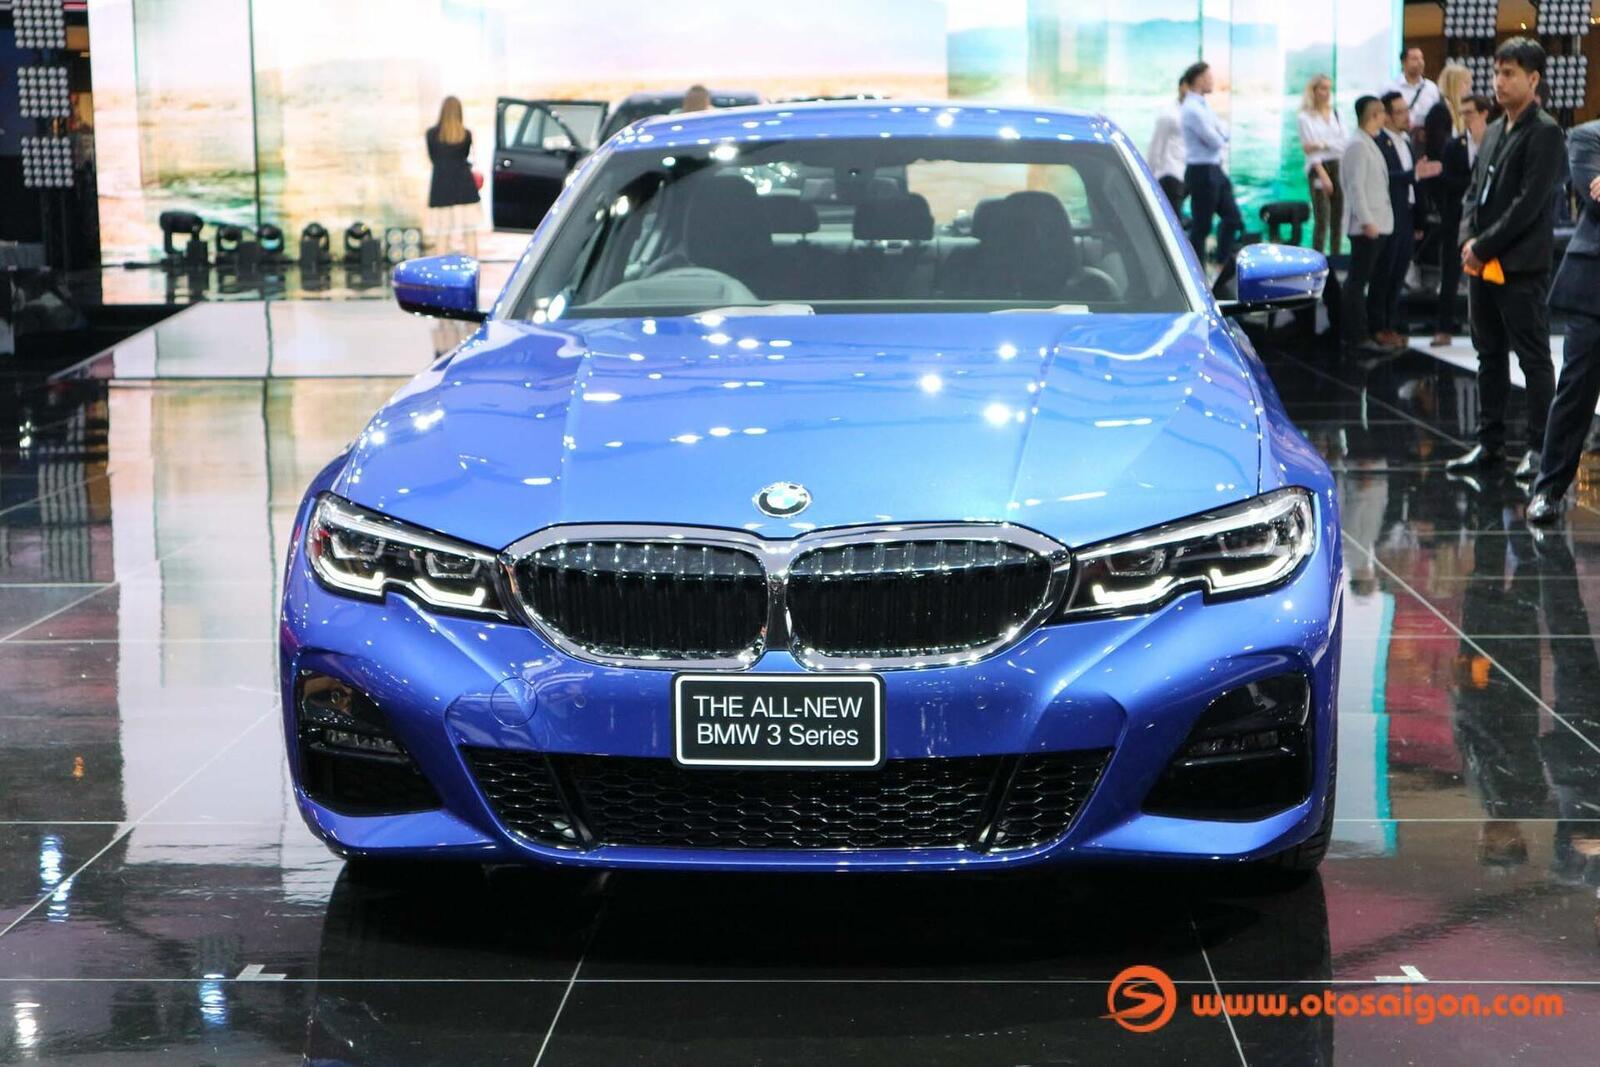 BMW 3 Series mới tại Thái Lan có giá bán từ 2,1 đến 2,4 tỷ đồng - Hình 4